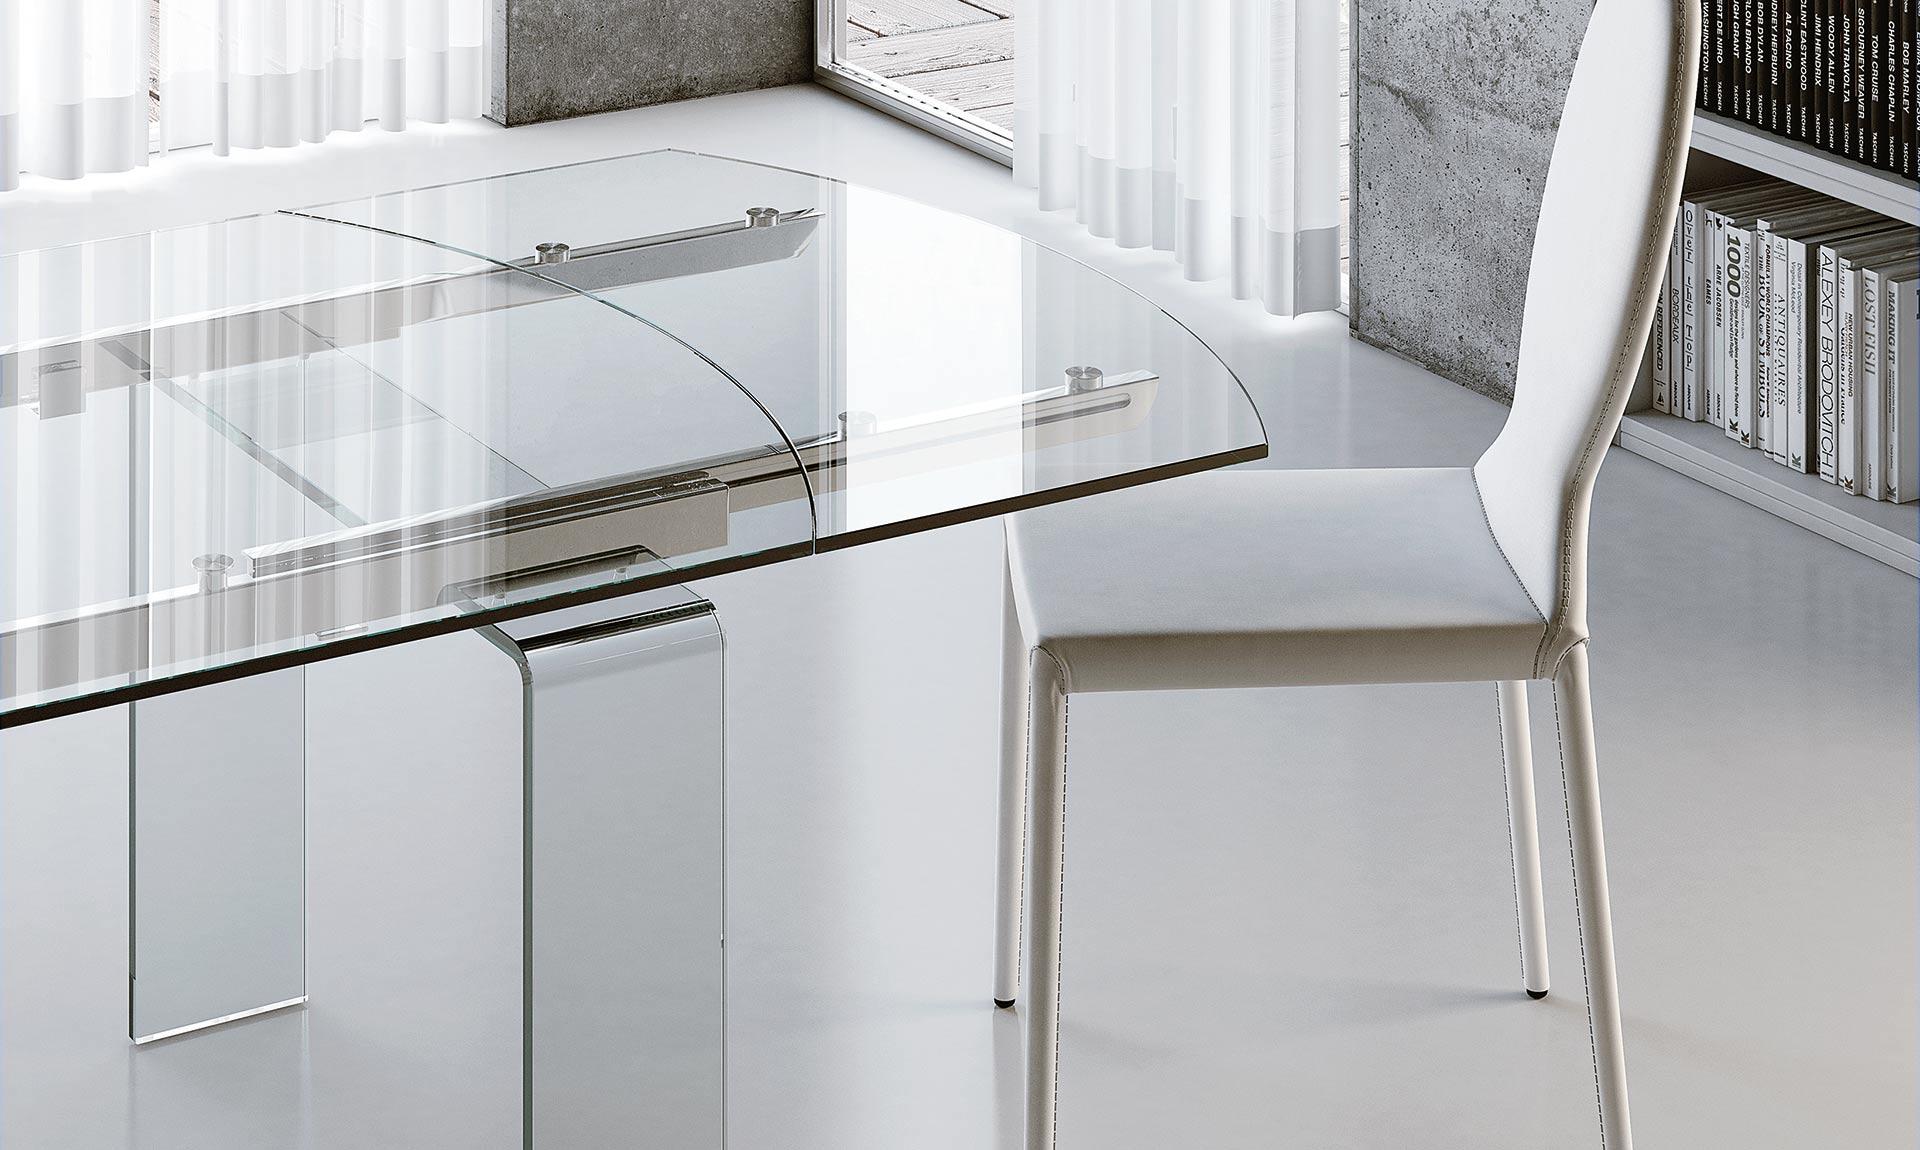 Tavolo ovale allungabile in vetro lord meroni arreda - Tavolo vetro ovale ...